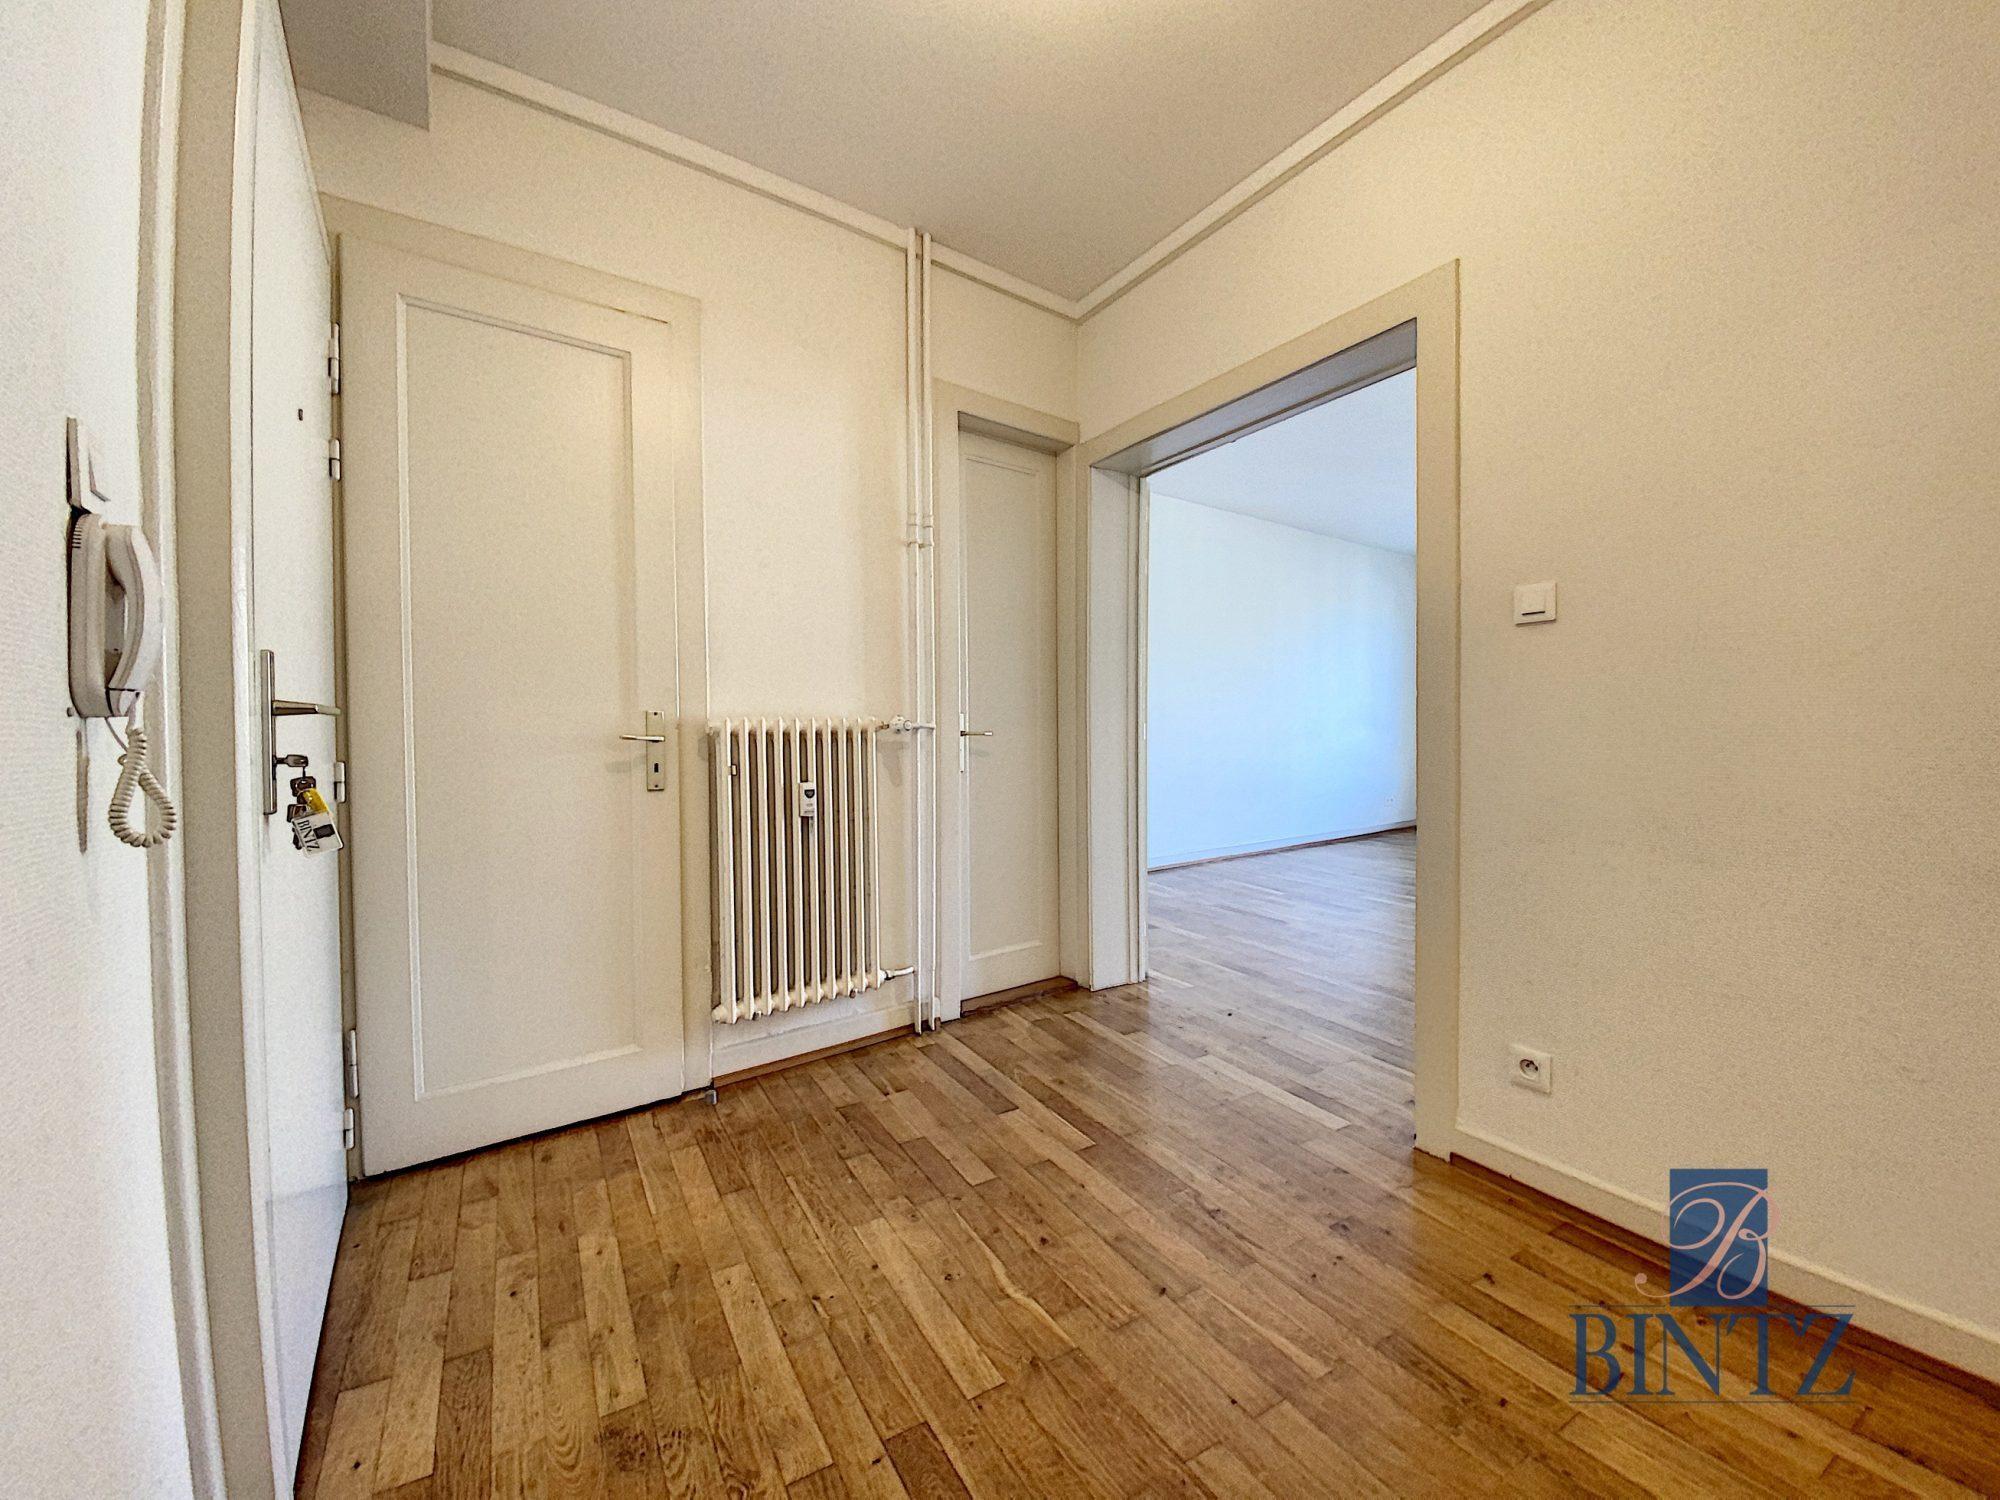 Grand 3 pièces HYPERCENTRE - Devenez locataire en toute sérénité - Bintz Immobilier - 4